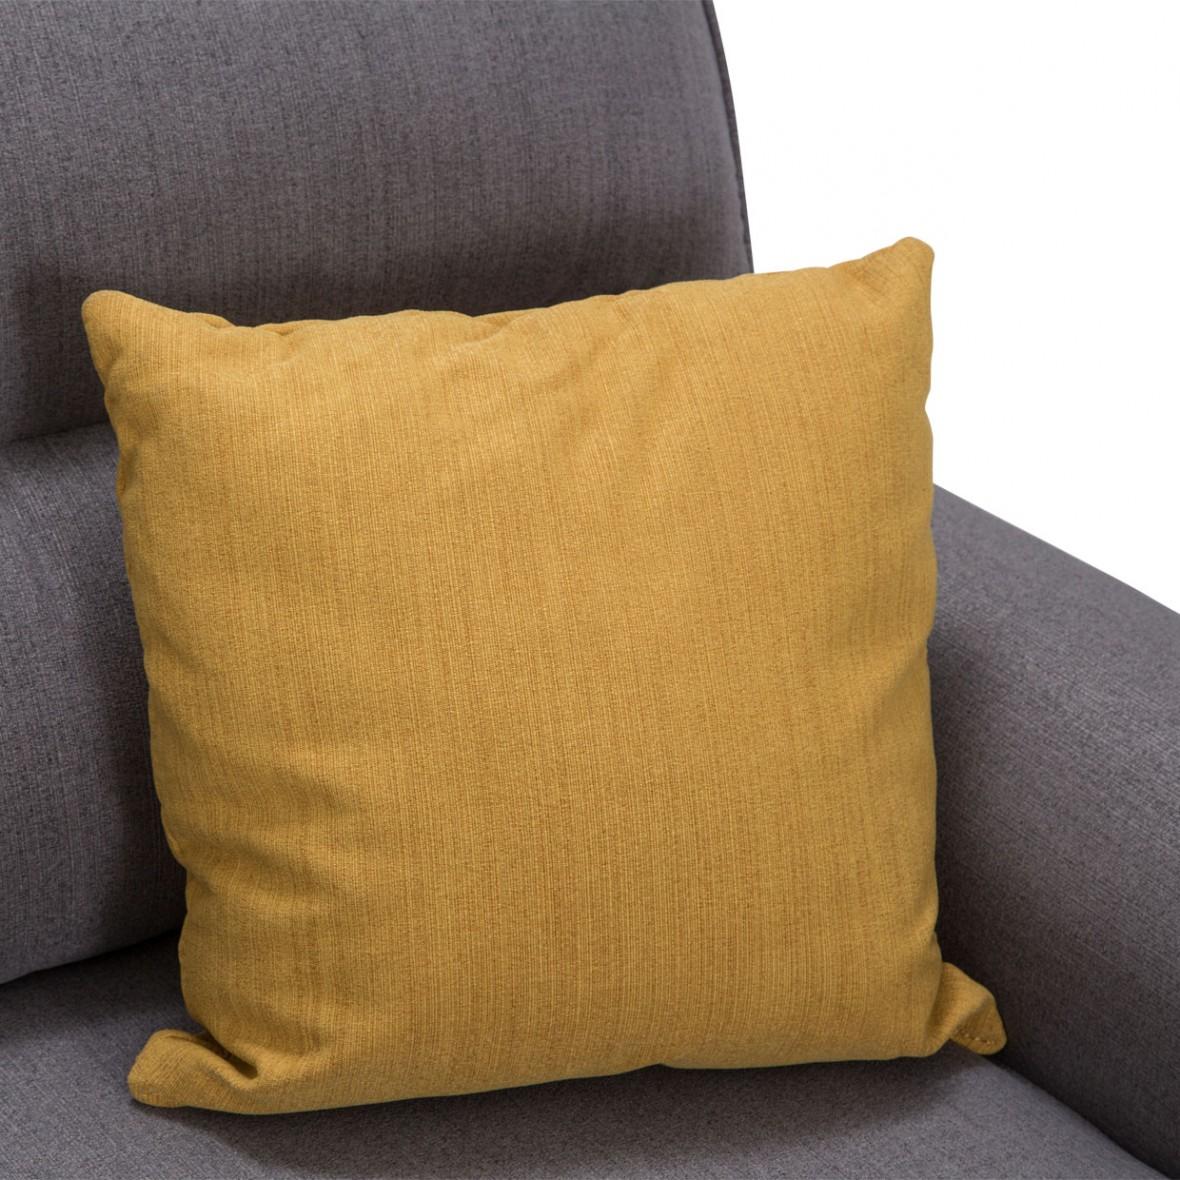 Софа 3-местная, цвет Сталь, 2 декоративных подушки